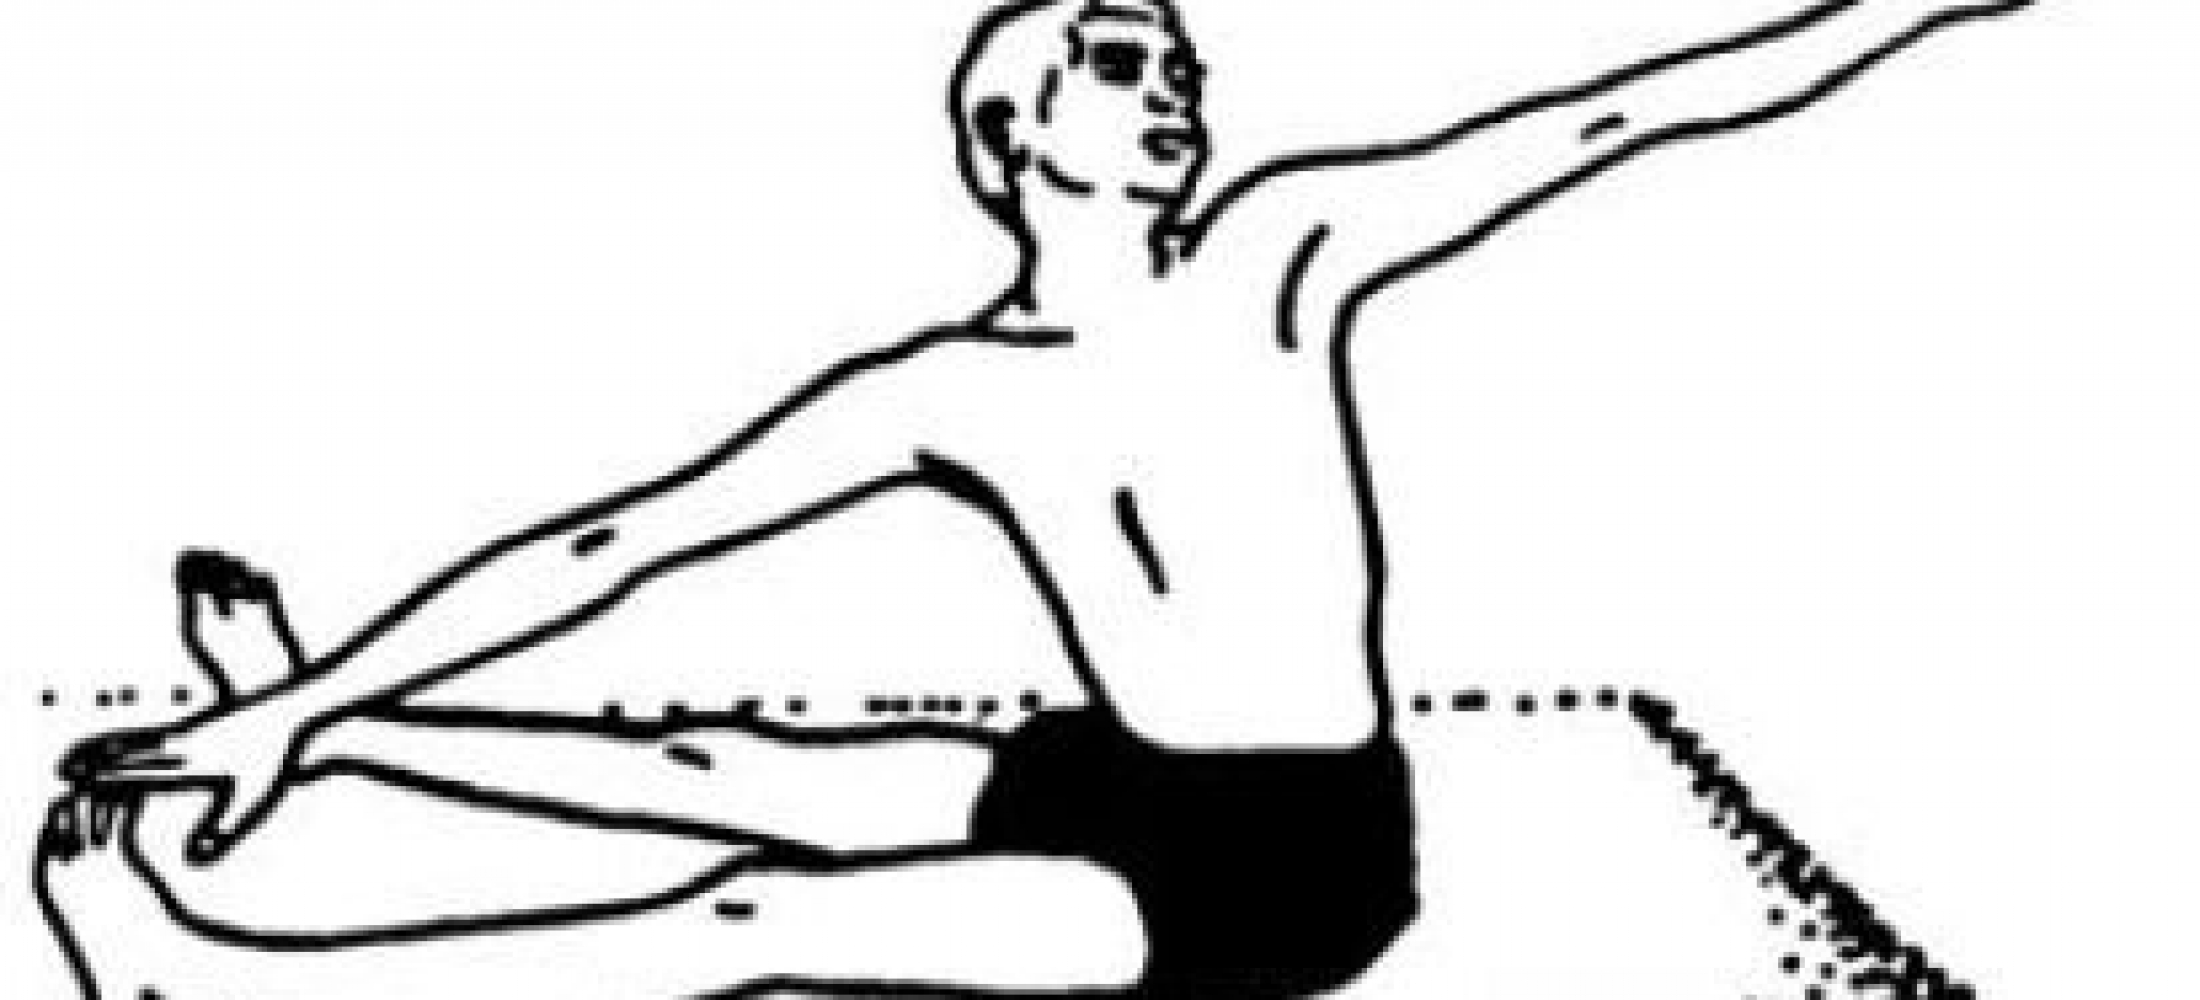 Динамическое закручивание позвоночника (Подготовительная асана)